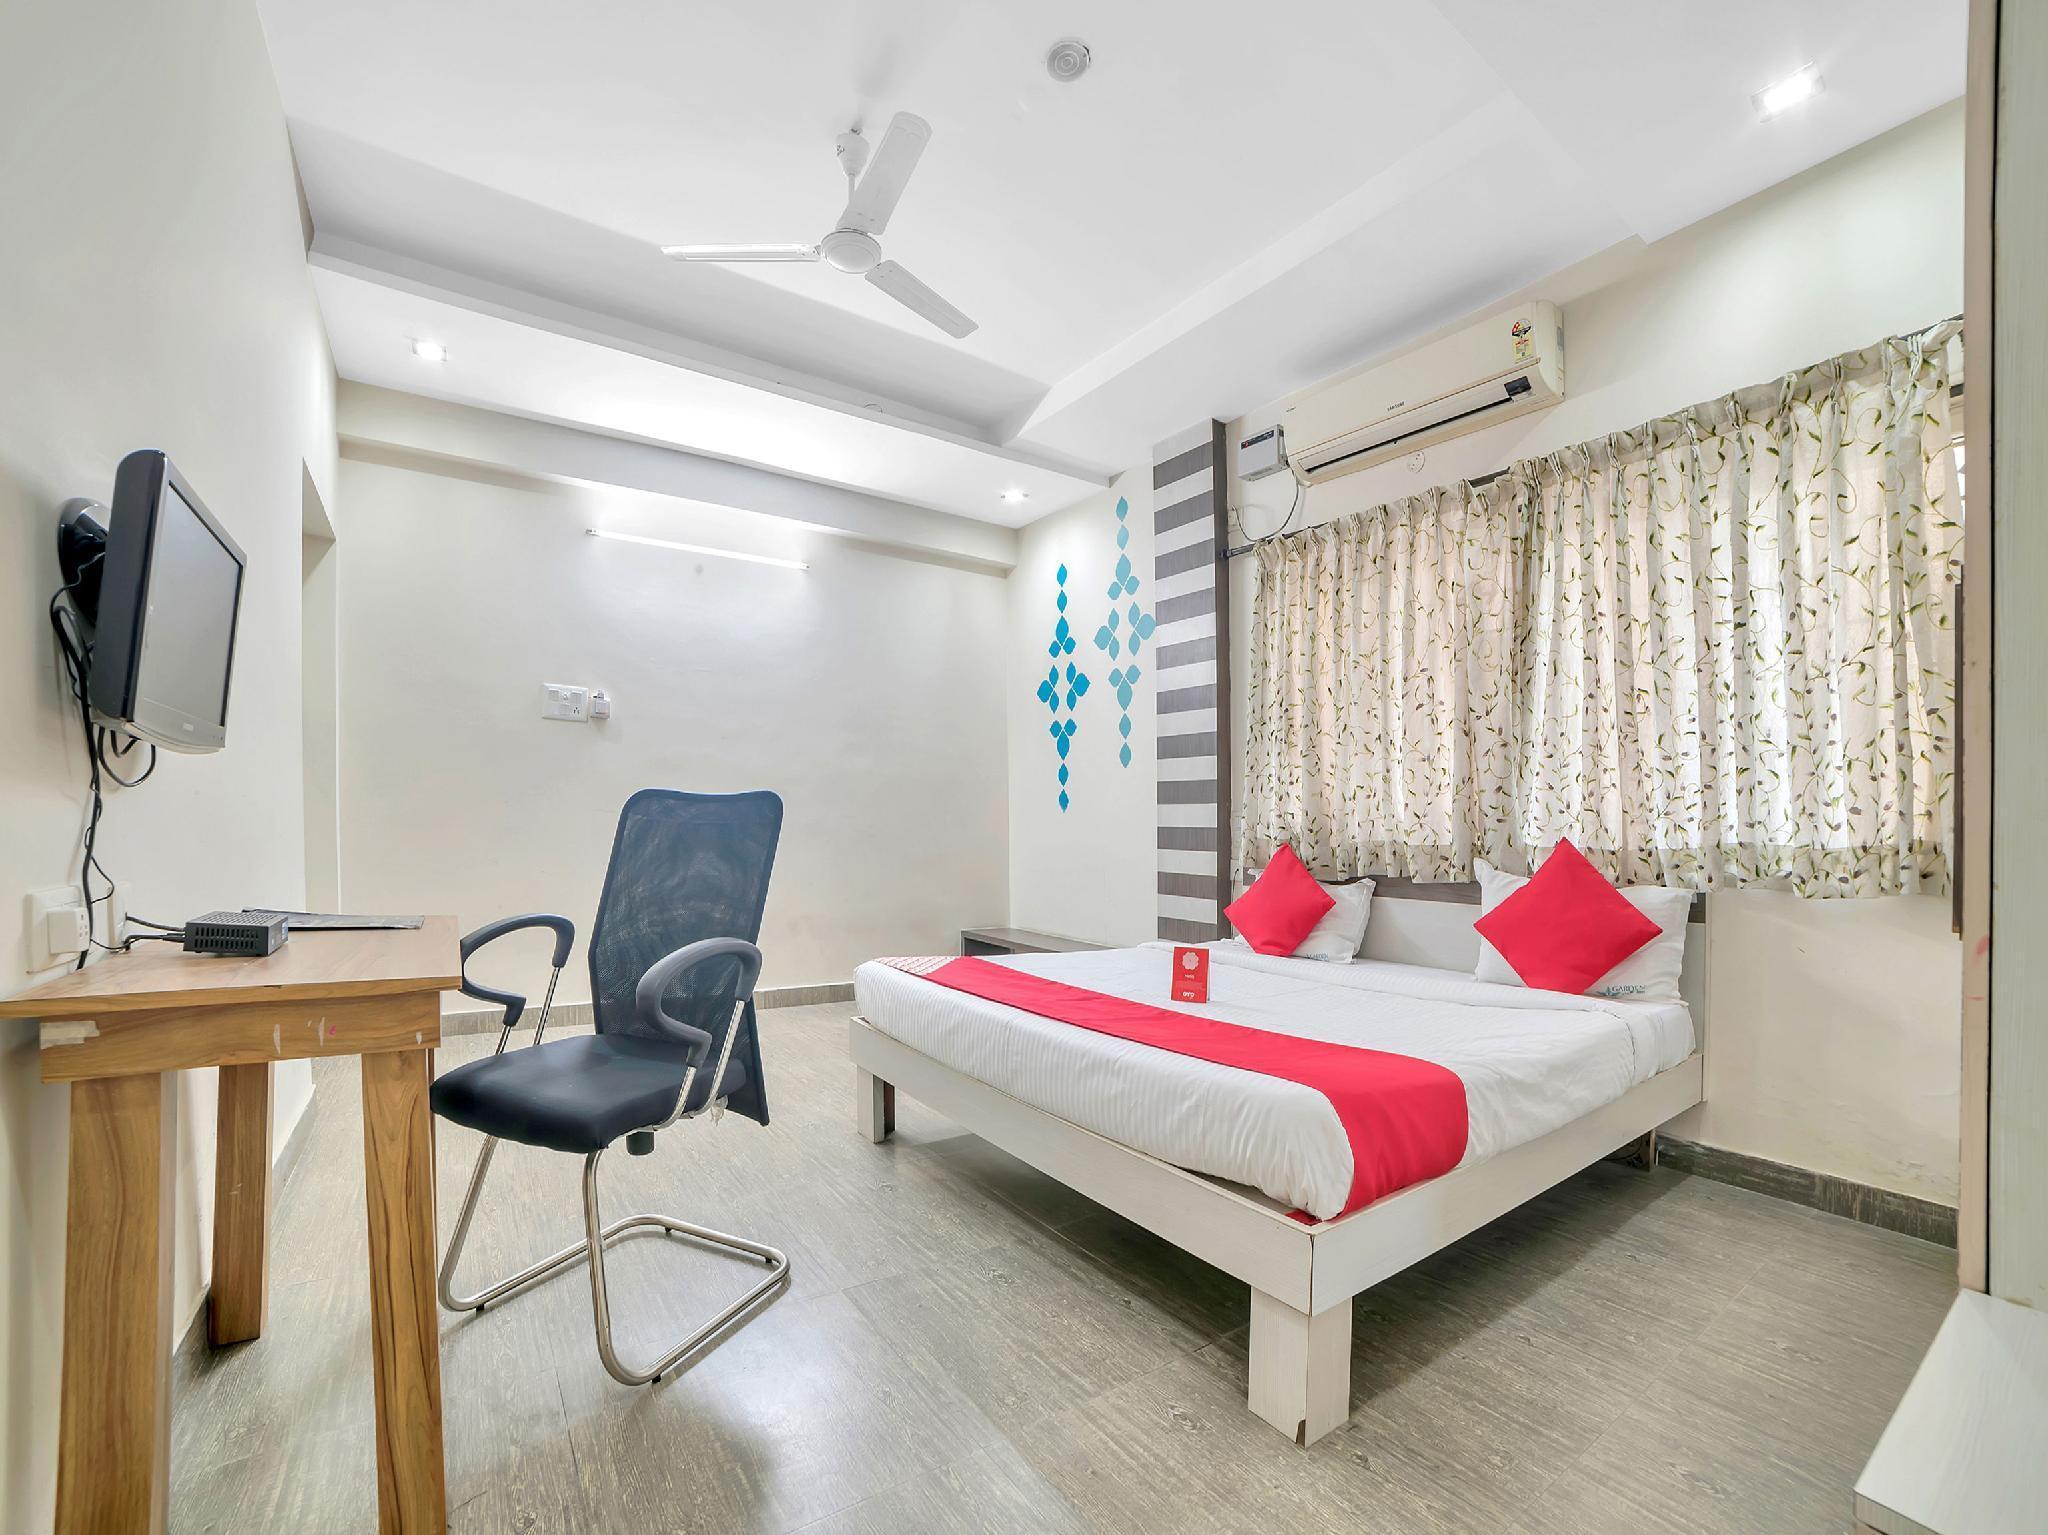 OYO 3607 Apartment Gachibowli